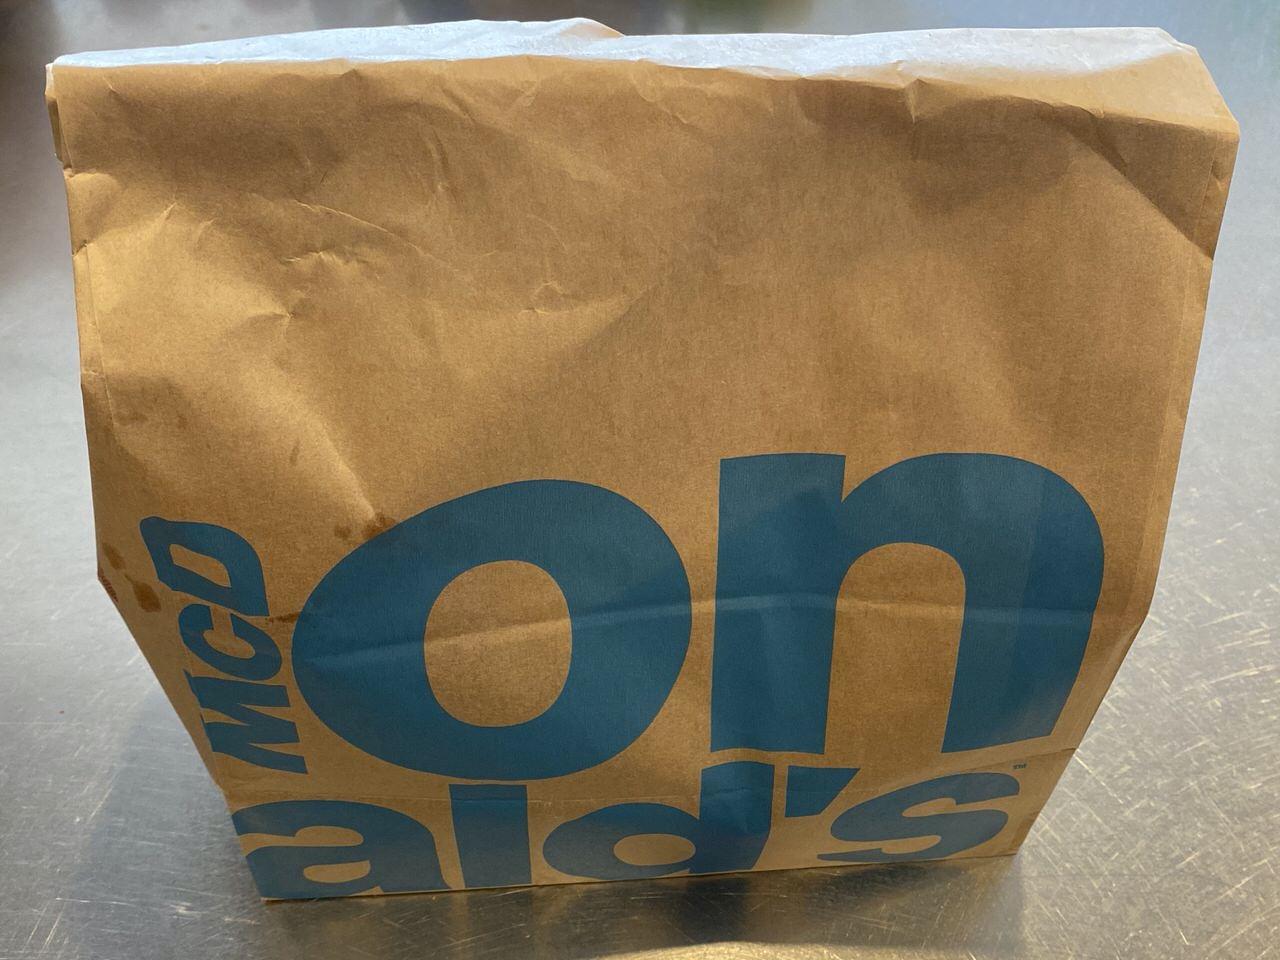 【マクドナルド】世界のビーフバーガー「マイティビーフオリジナル」「スモーキーバーベキュー」「かるびマック」3種食べ比べてもう一回食べたいのはこのバーガー!